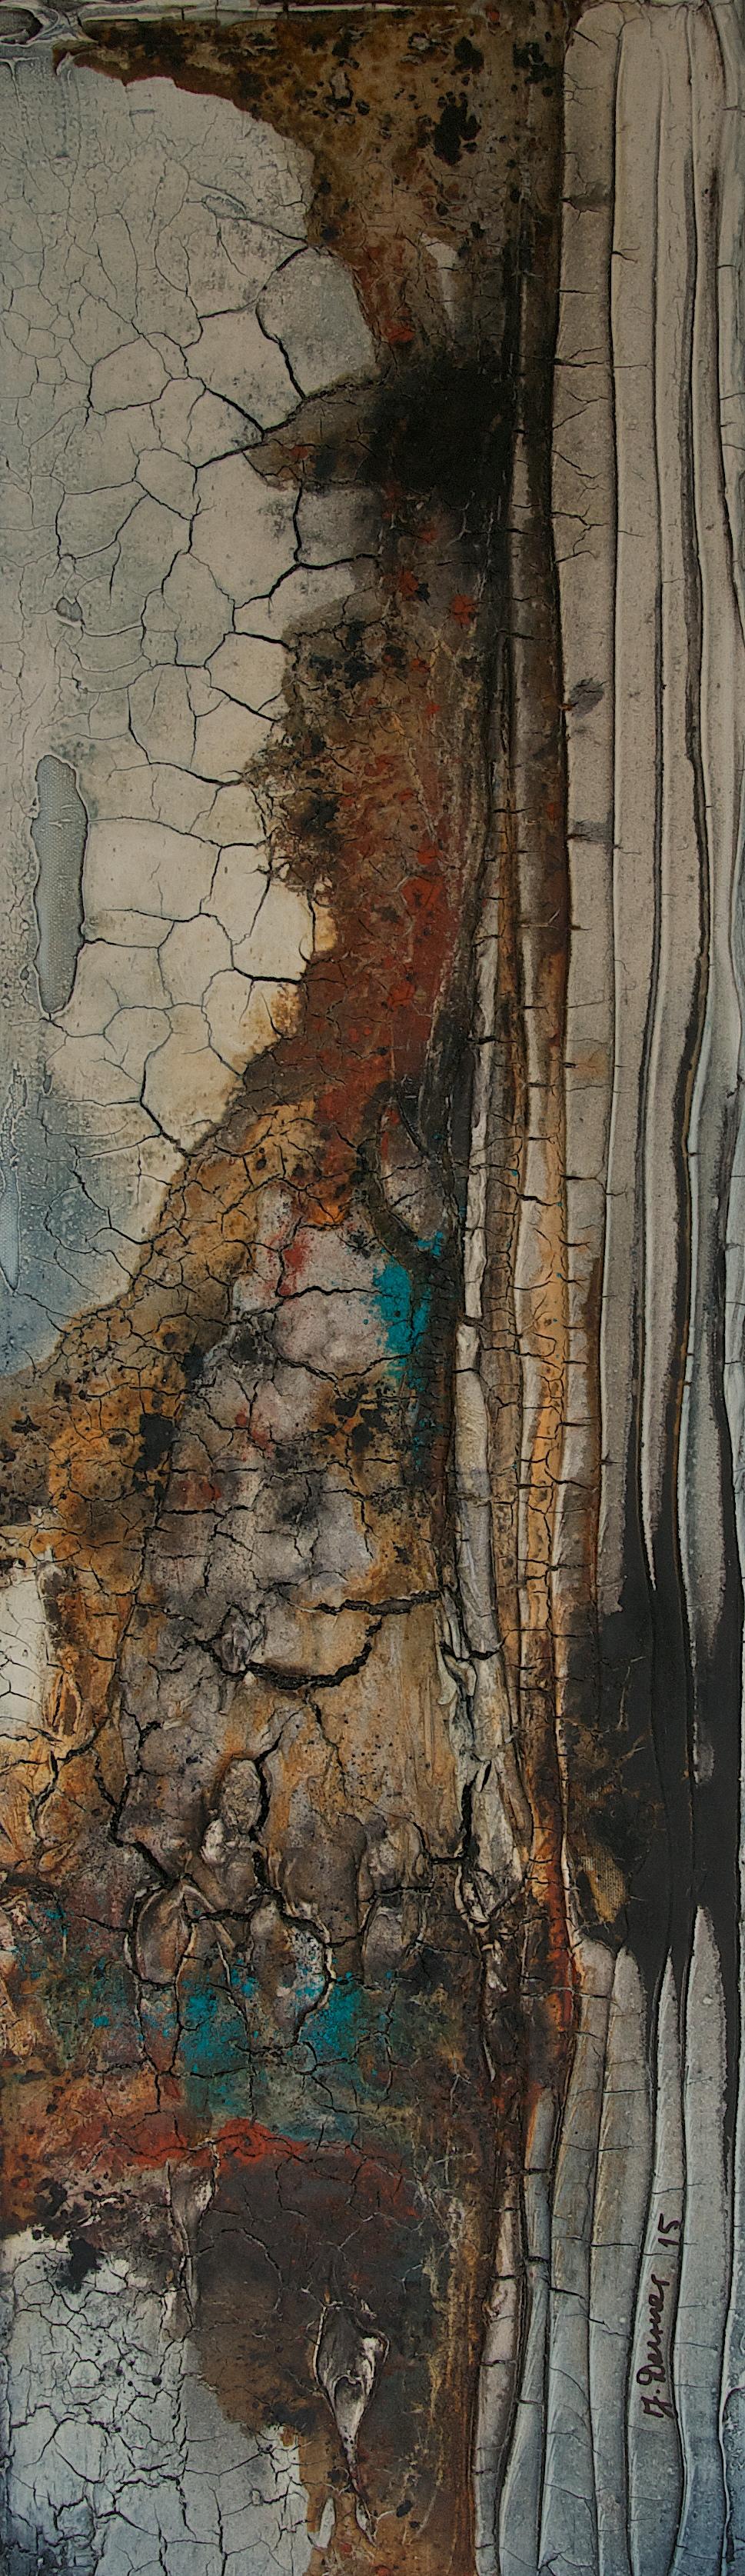 Marmormehl_Pigmente_Binder_Beize_Tusche_Leinwand  30 x 100 cm